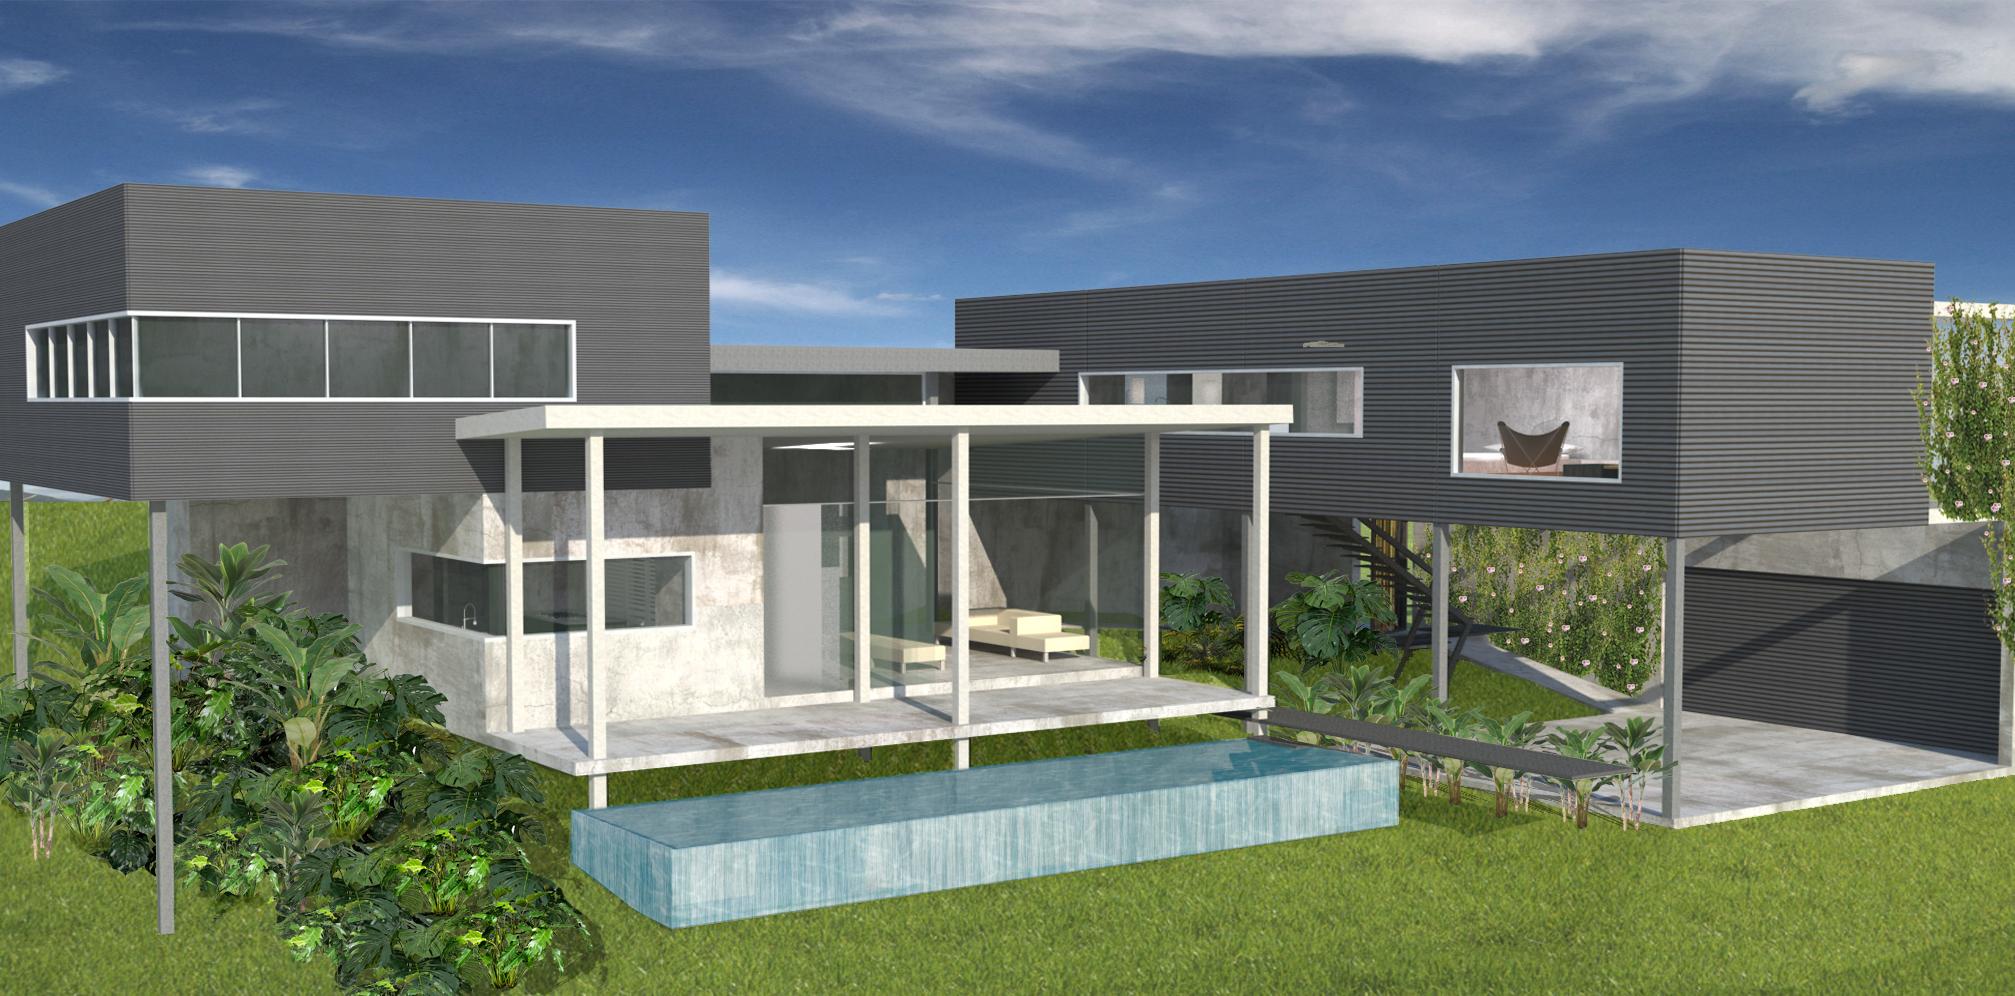 Prefab Homes Costa Rica Dott Architecture Tropical